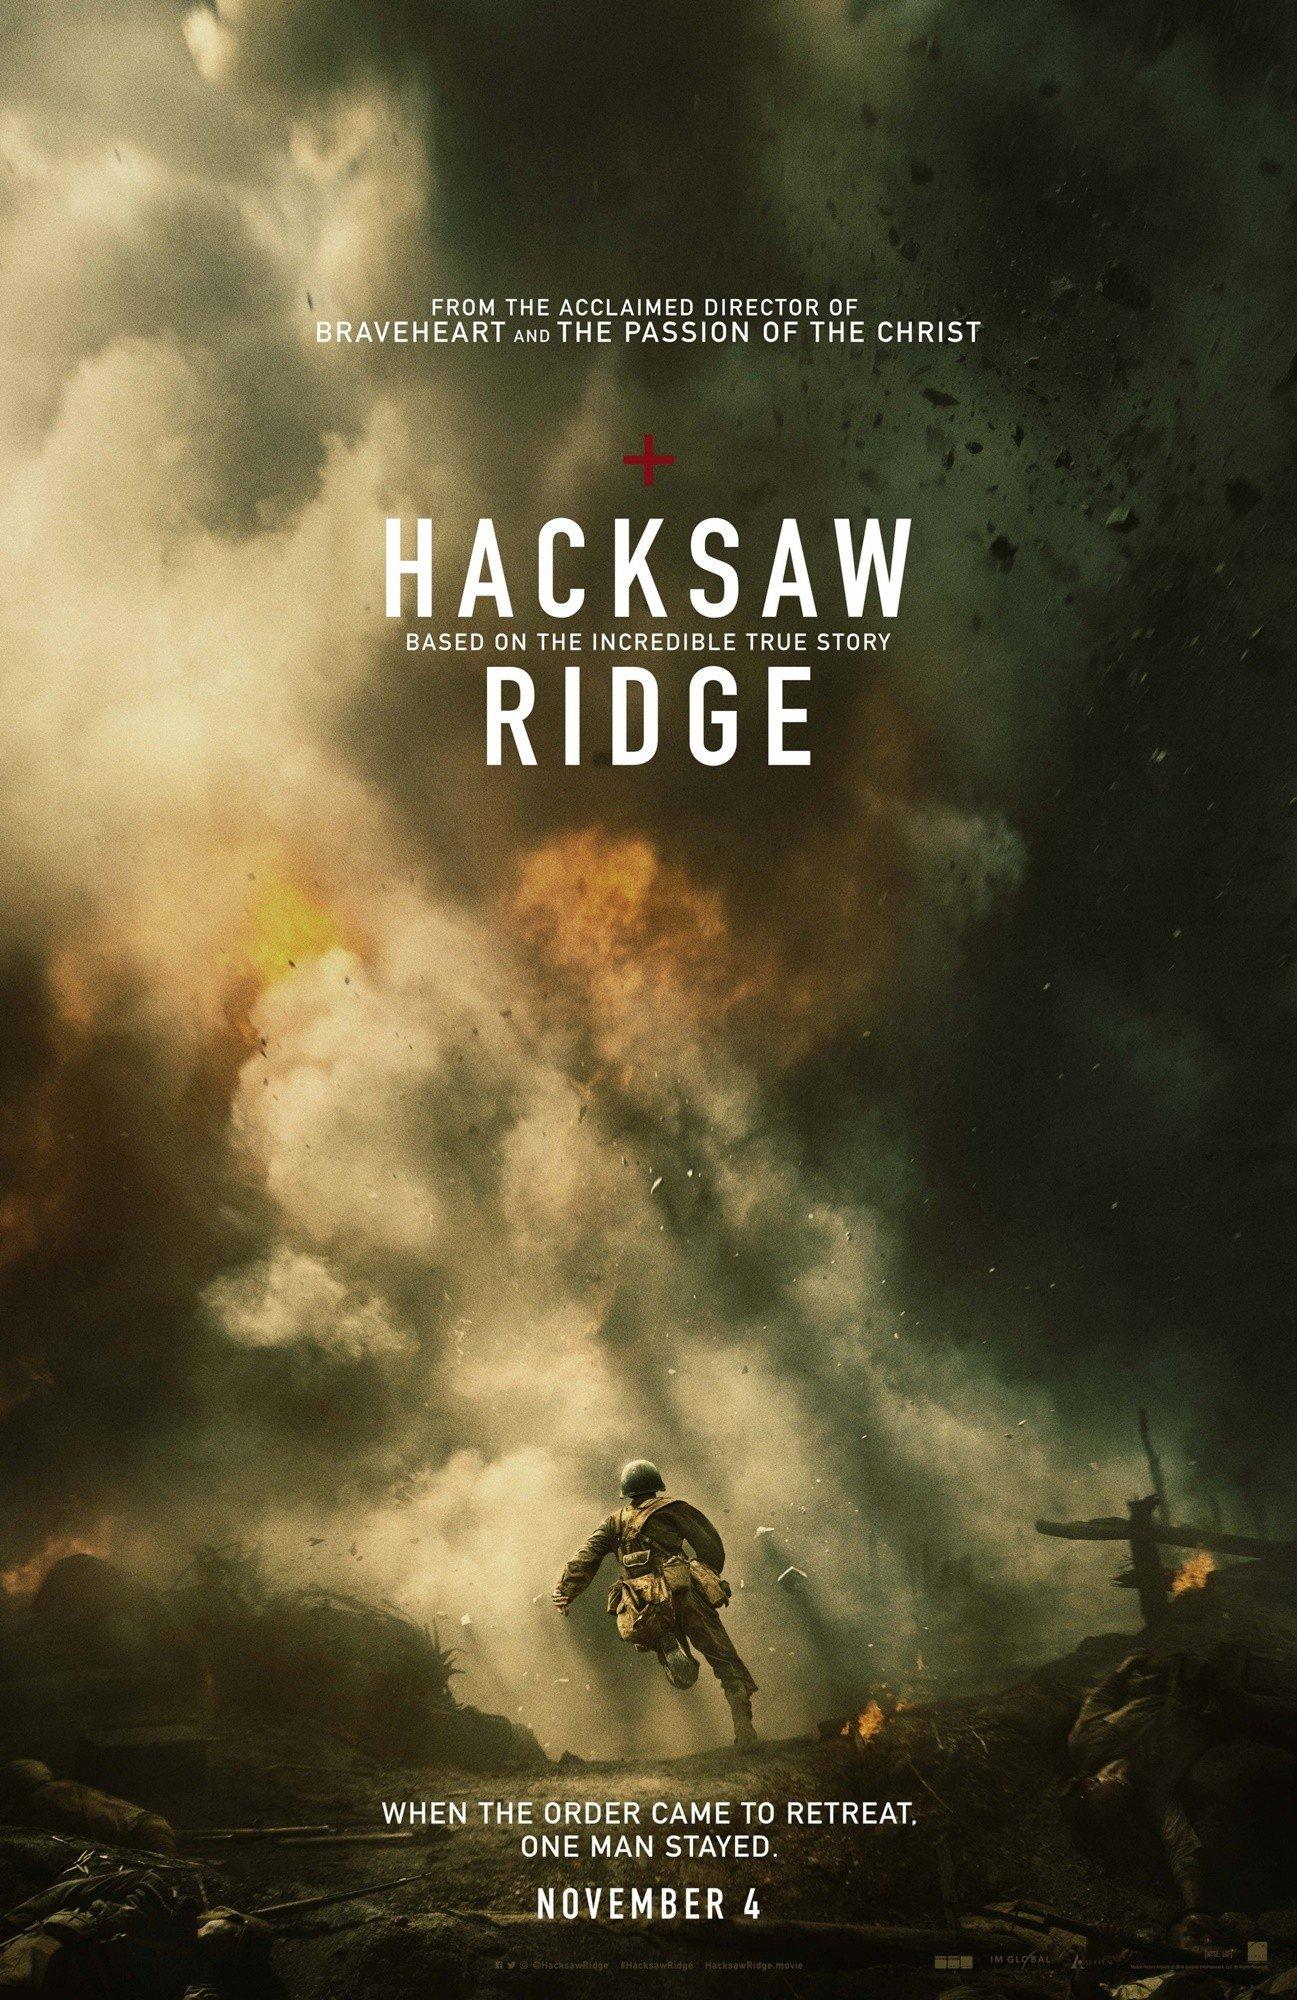 hacksaw-ridge-poster01.jpg